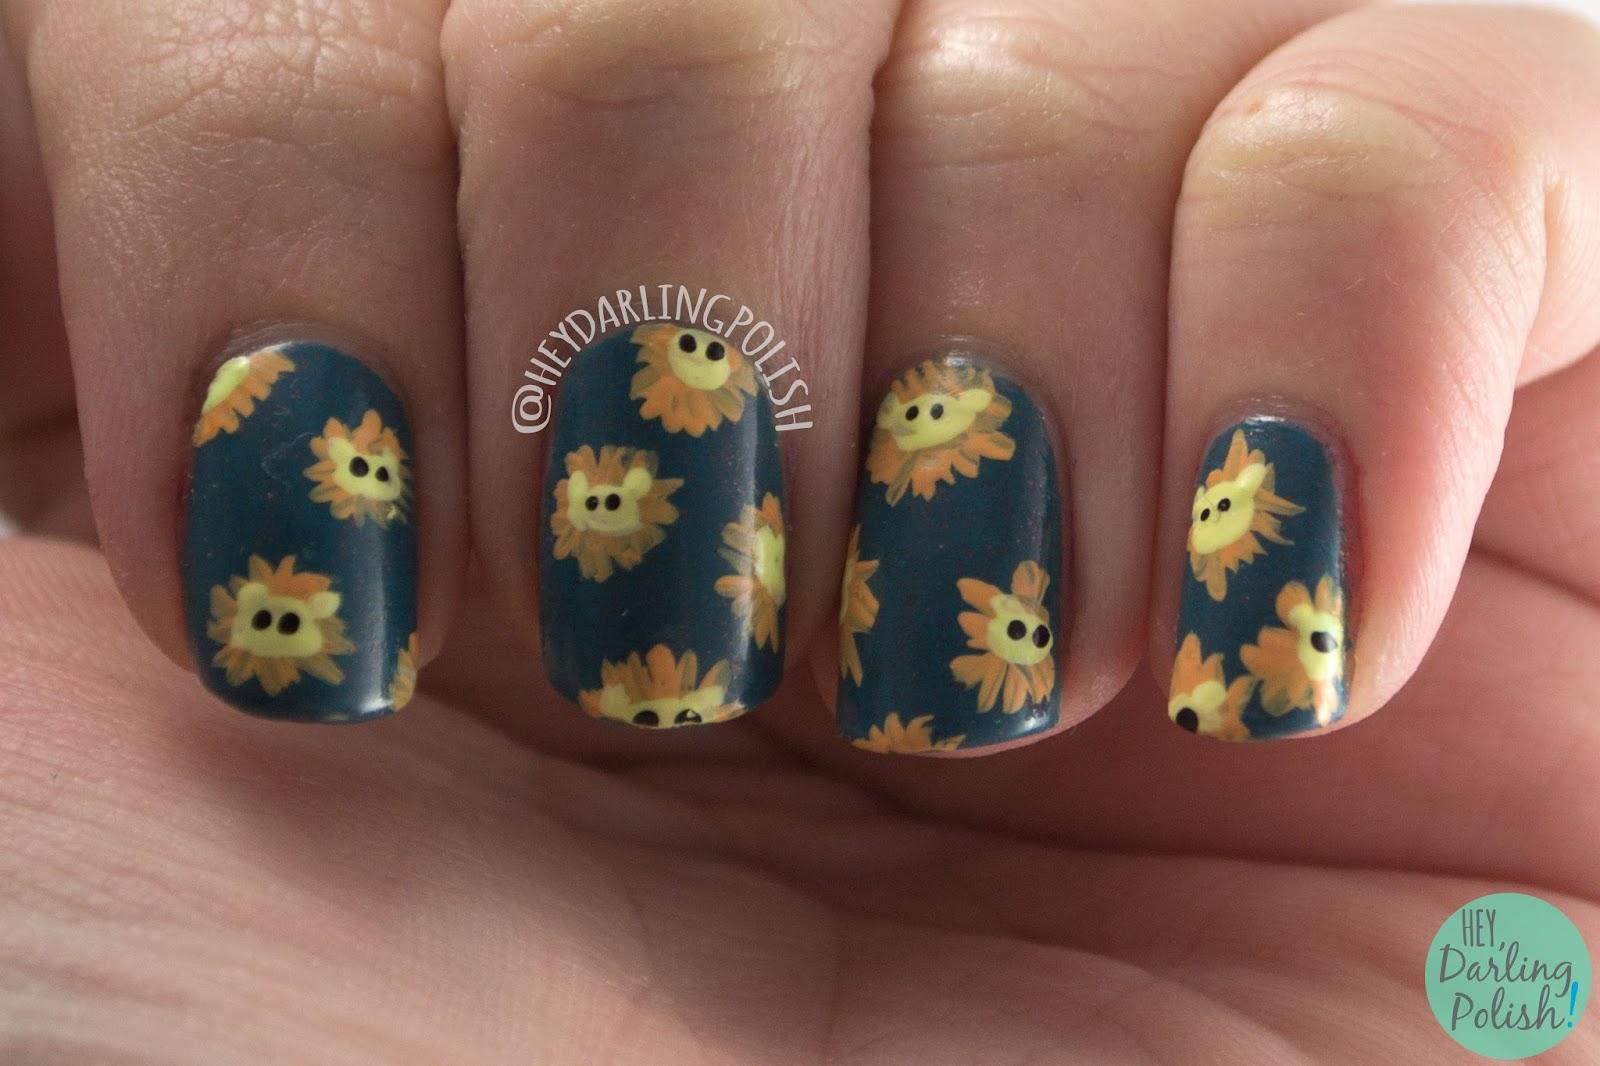 nails, nail art, nail polish, hey darling polish, pahlish, indie polish, lions, the nail challenge collaborative, animals, hey darling polish